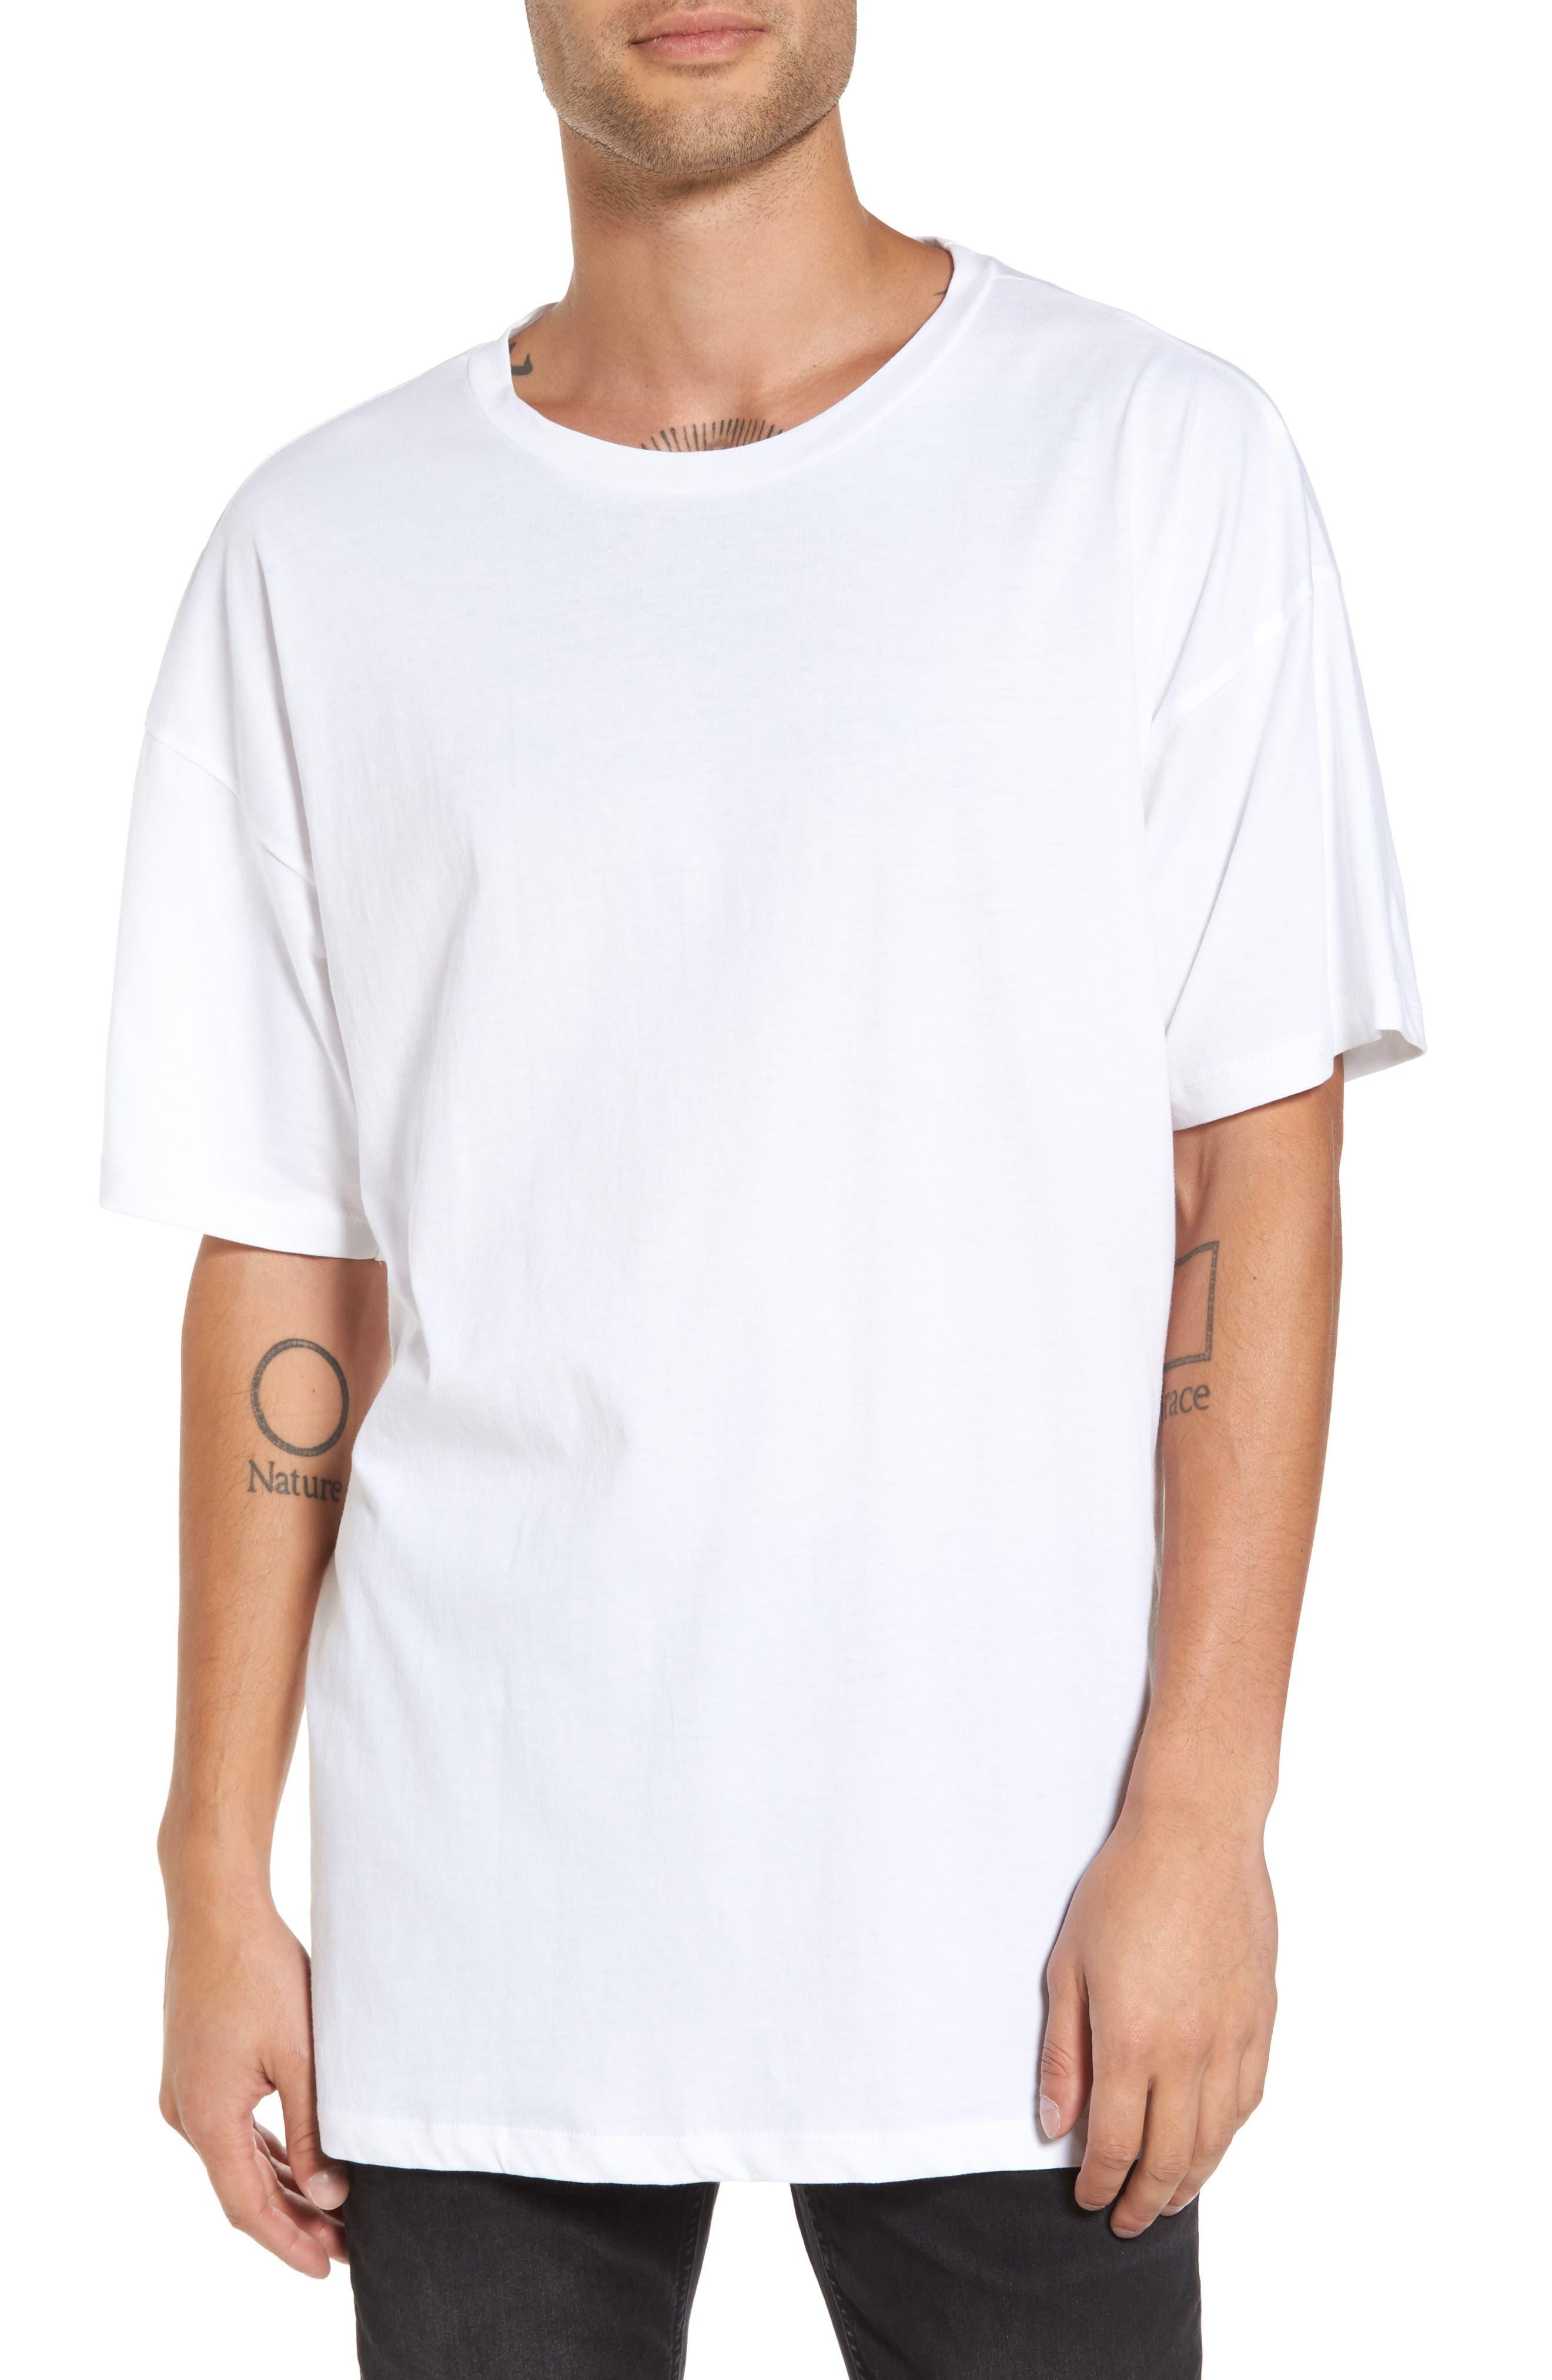 Marlon T-Shirt,                             Main thumbnail 1, color,                             100